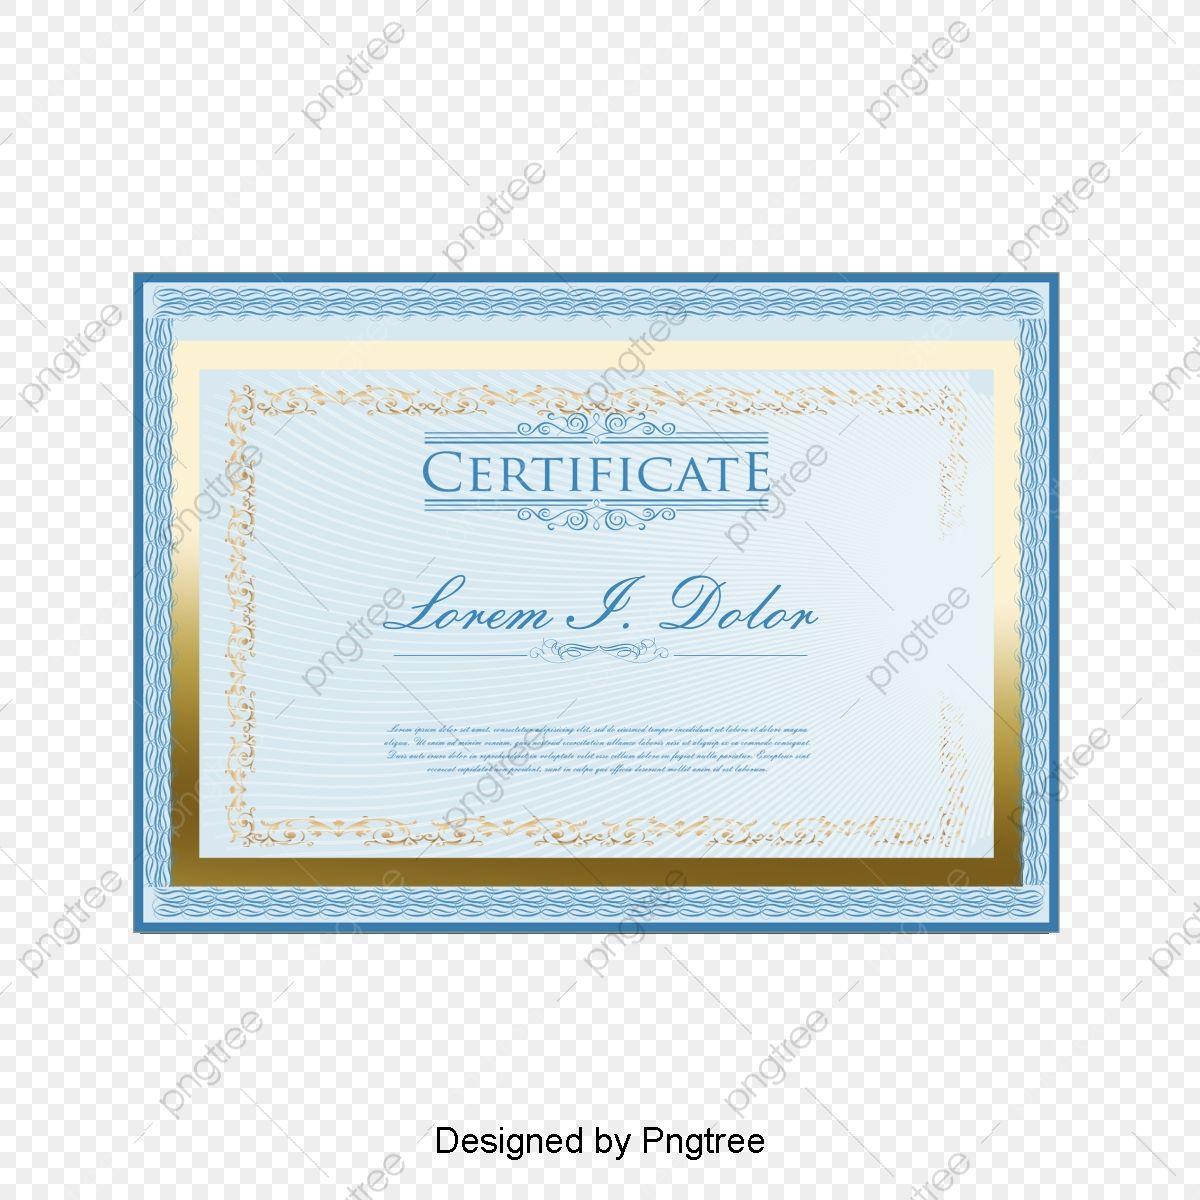 شهادة شهادة زخرفة الأبجدية الانكليزية Png وملف Psd للتحميل مجانا Social Security Card Design Cards